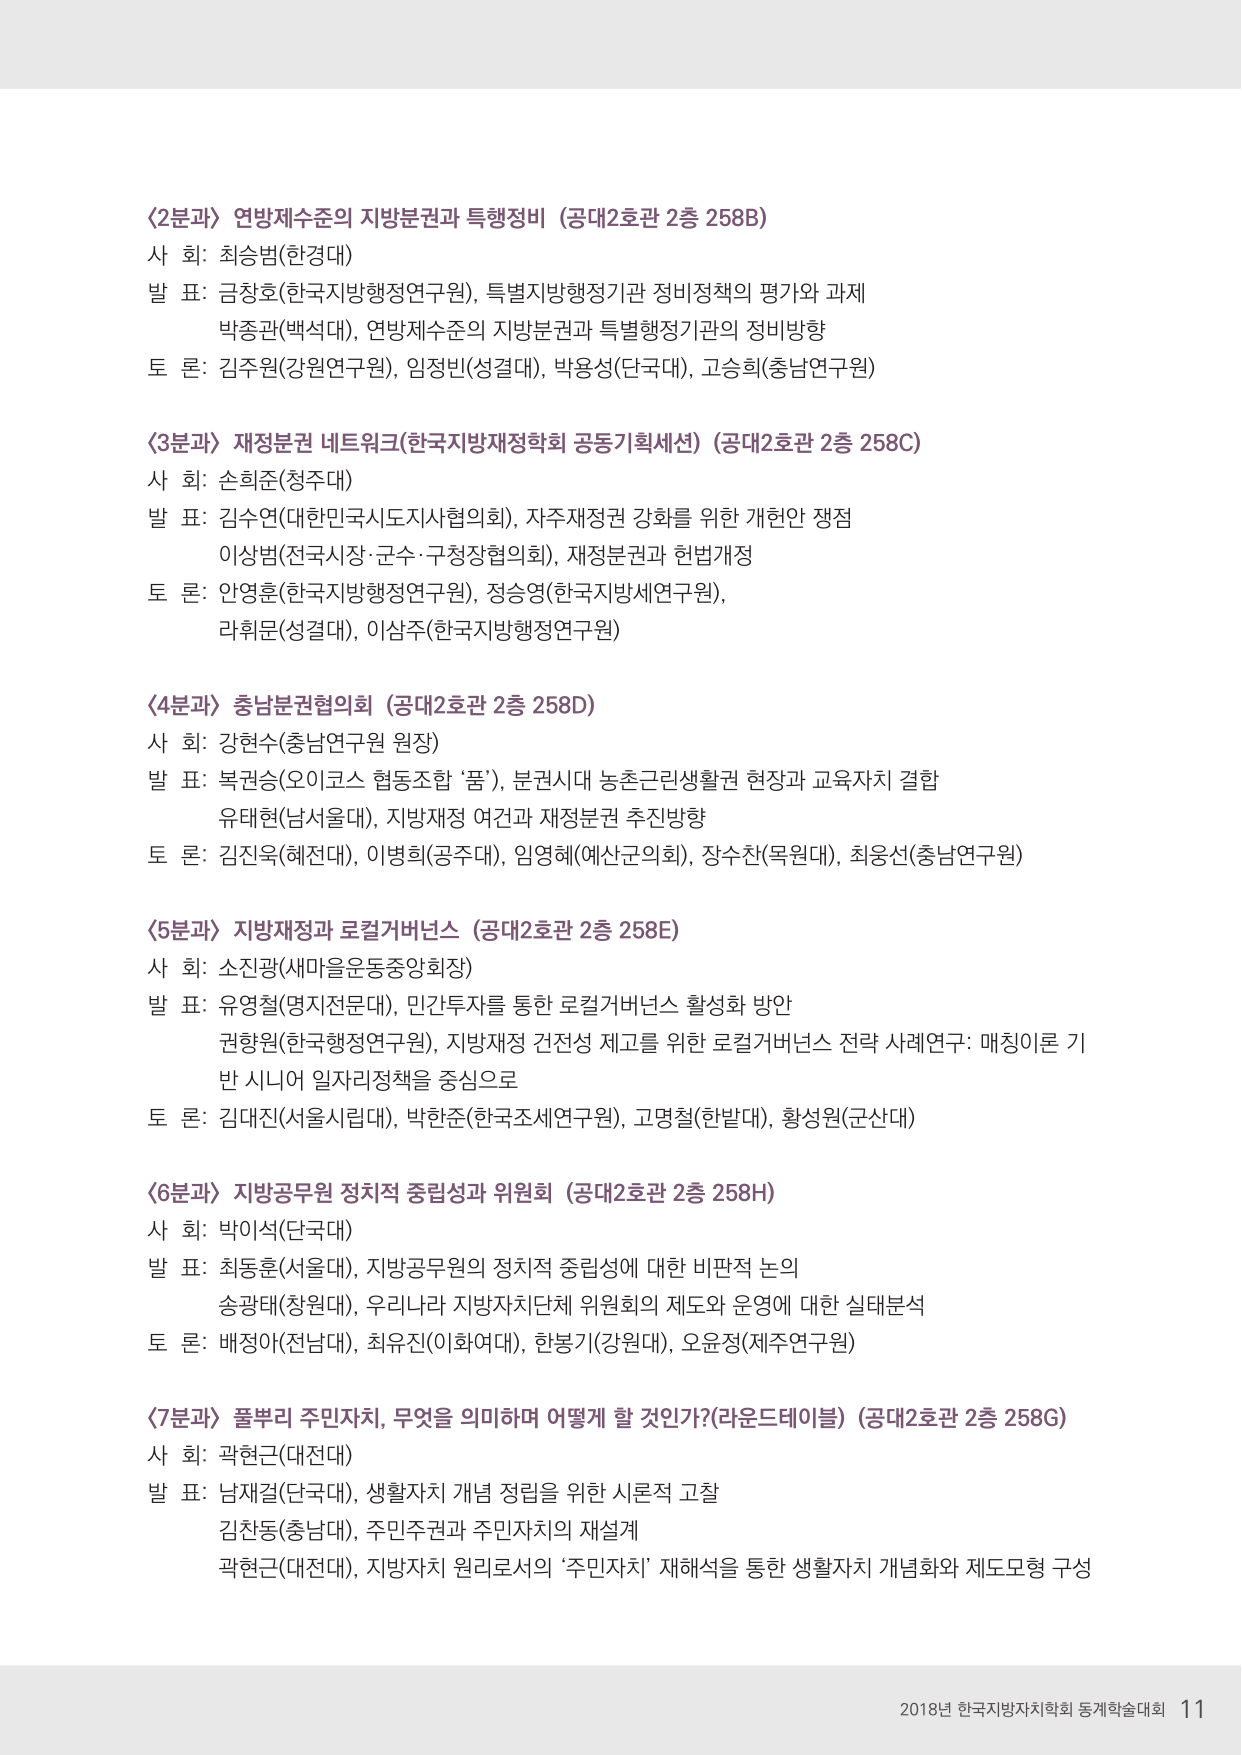 초청장_동계학술대회_한국지방자치학회(최종본)-11.jpg